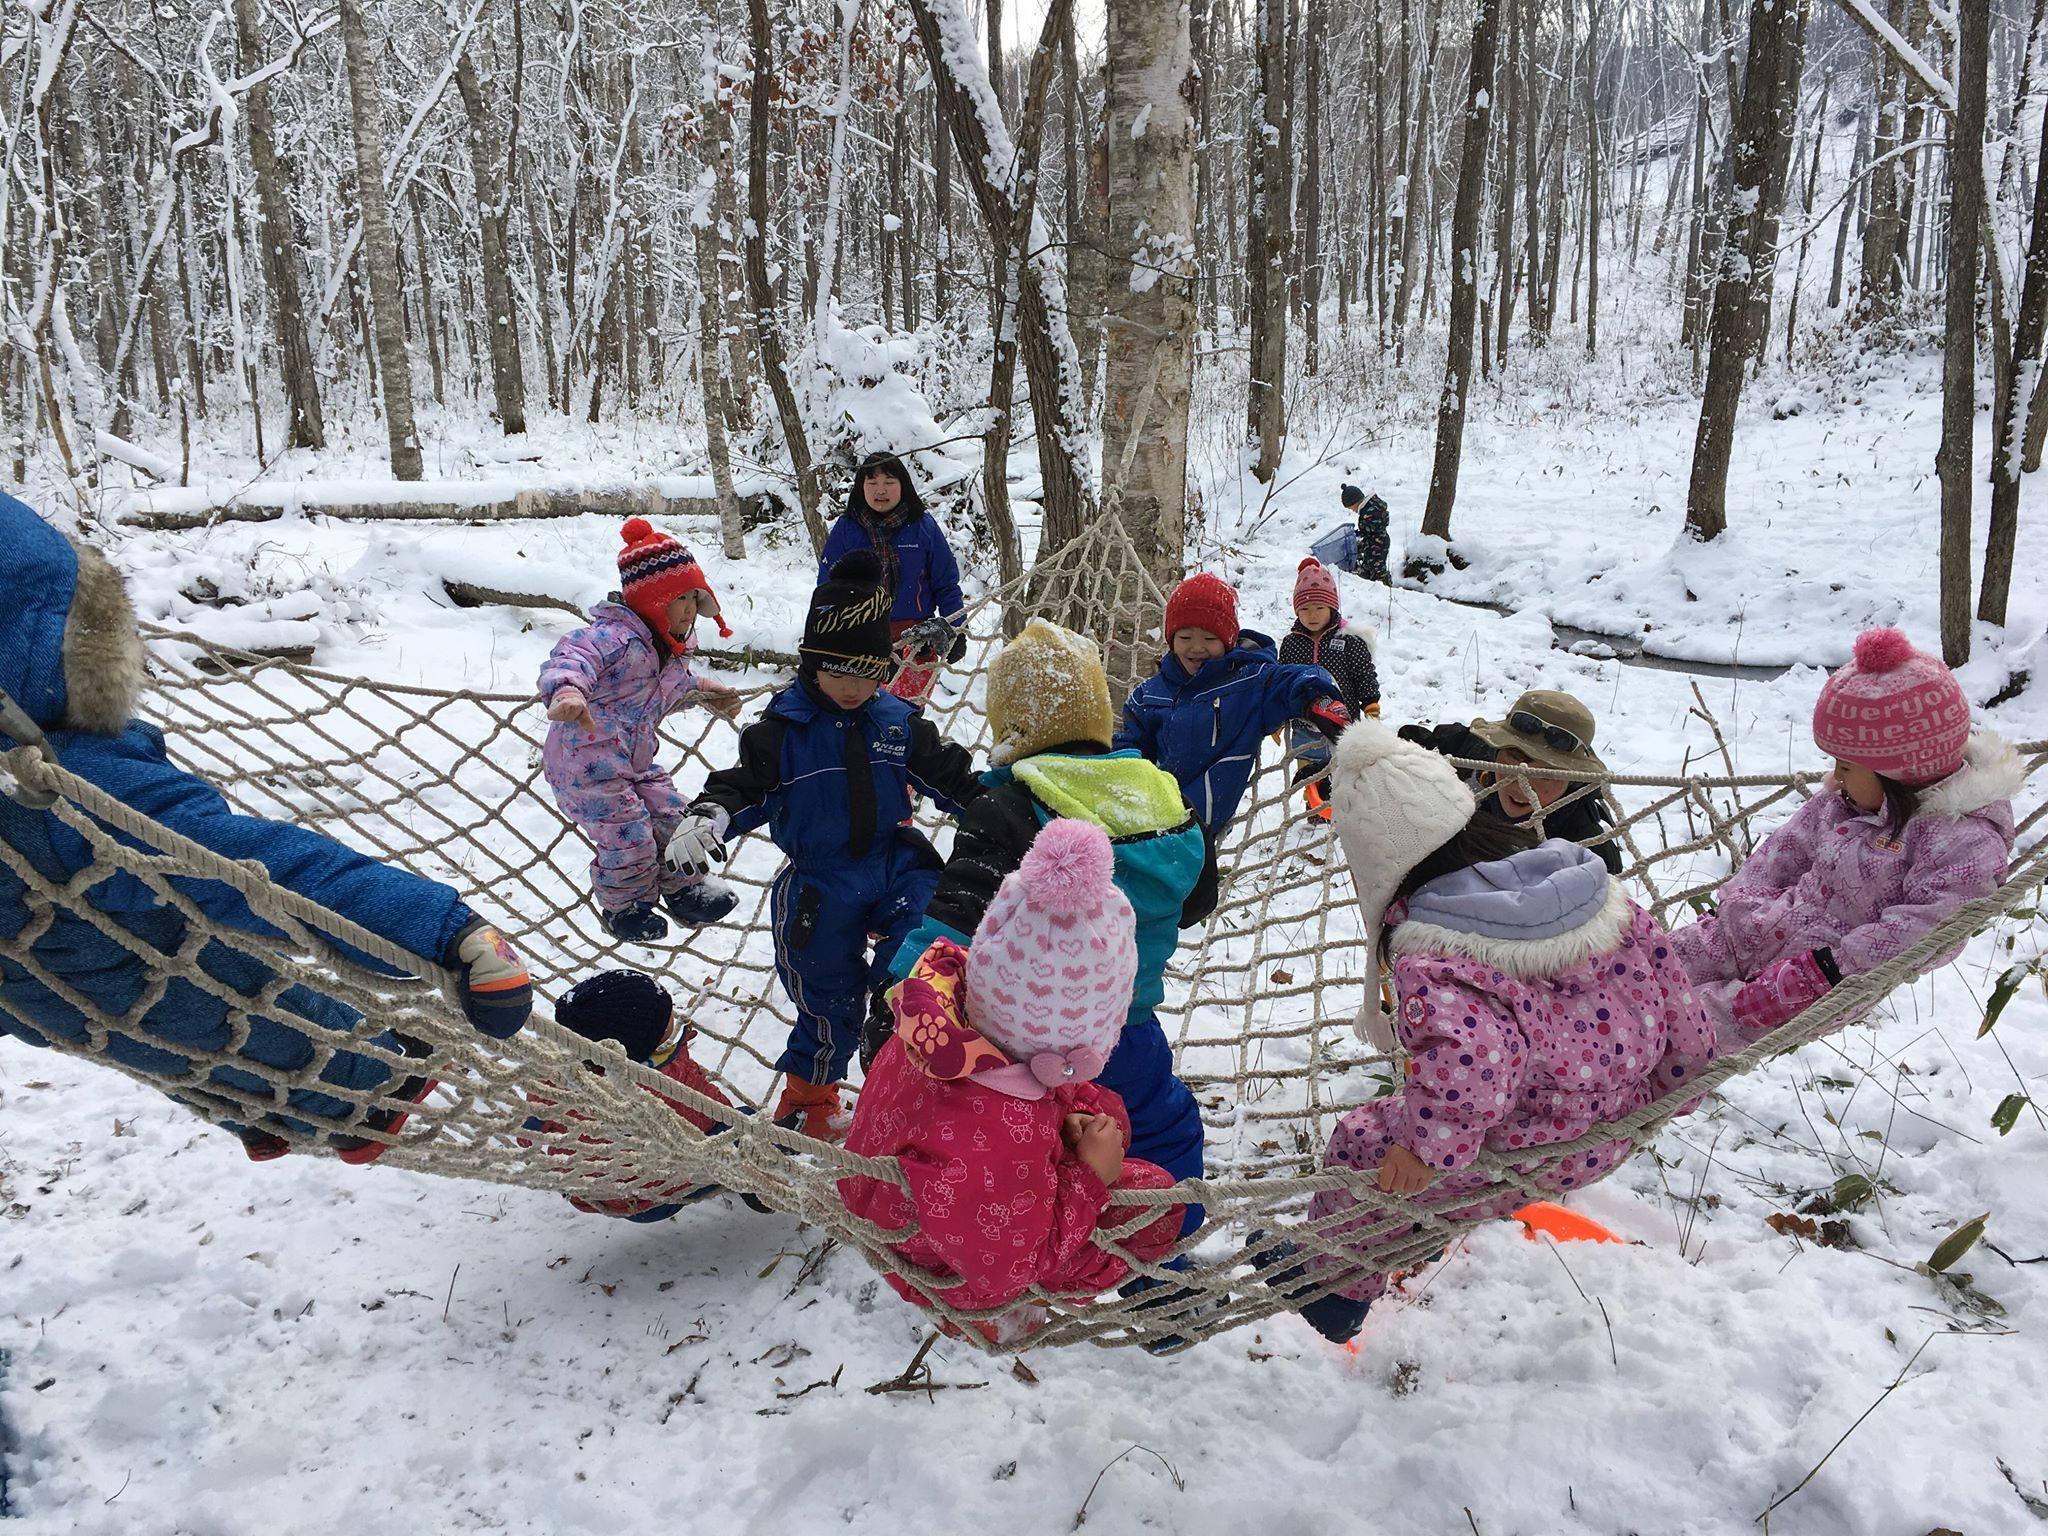 安平町での冬のプレーパークの様子